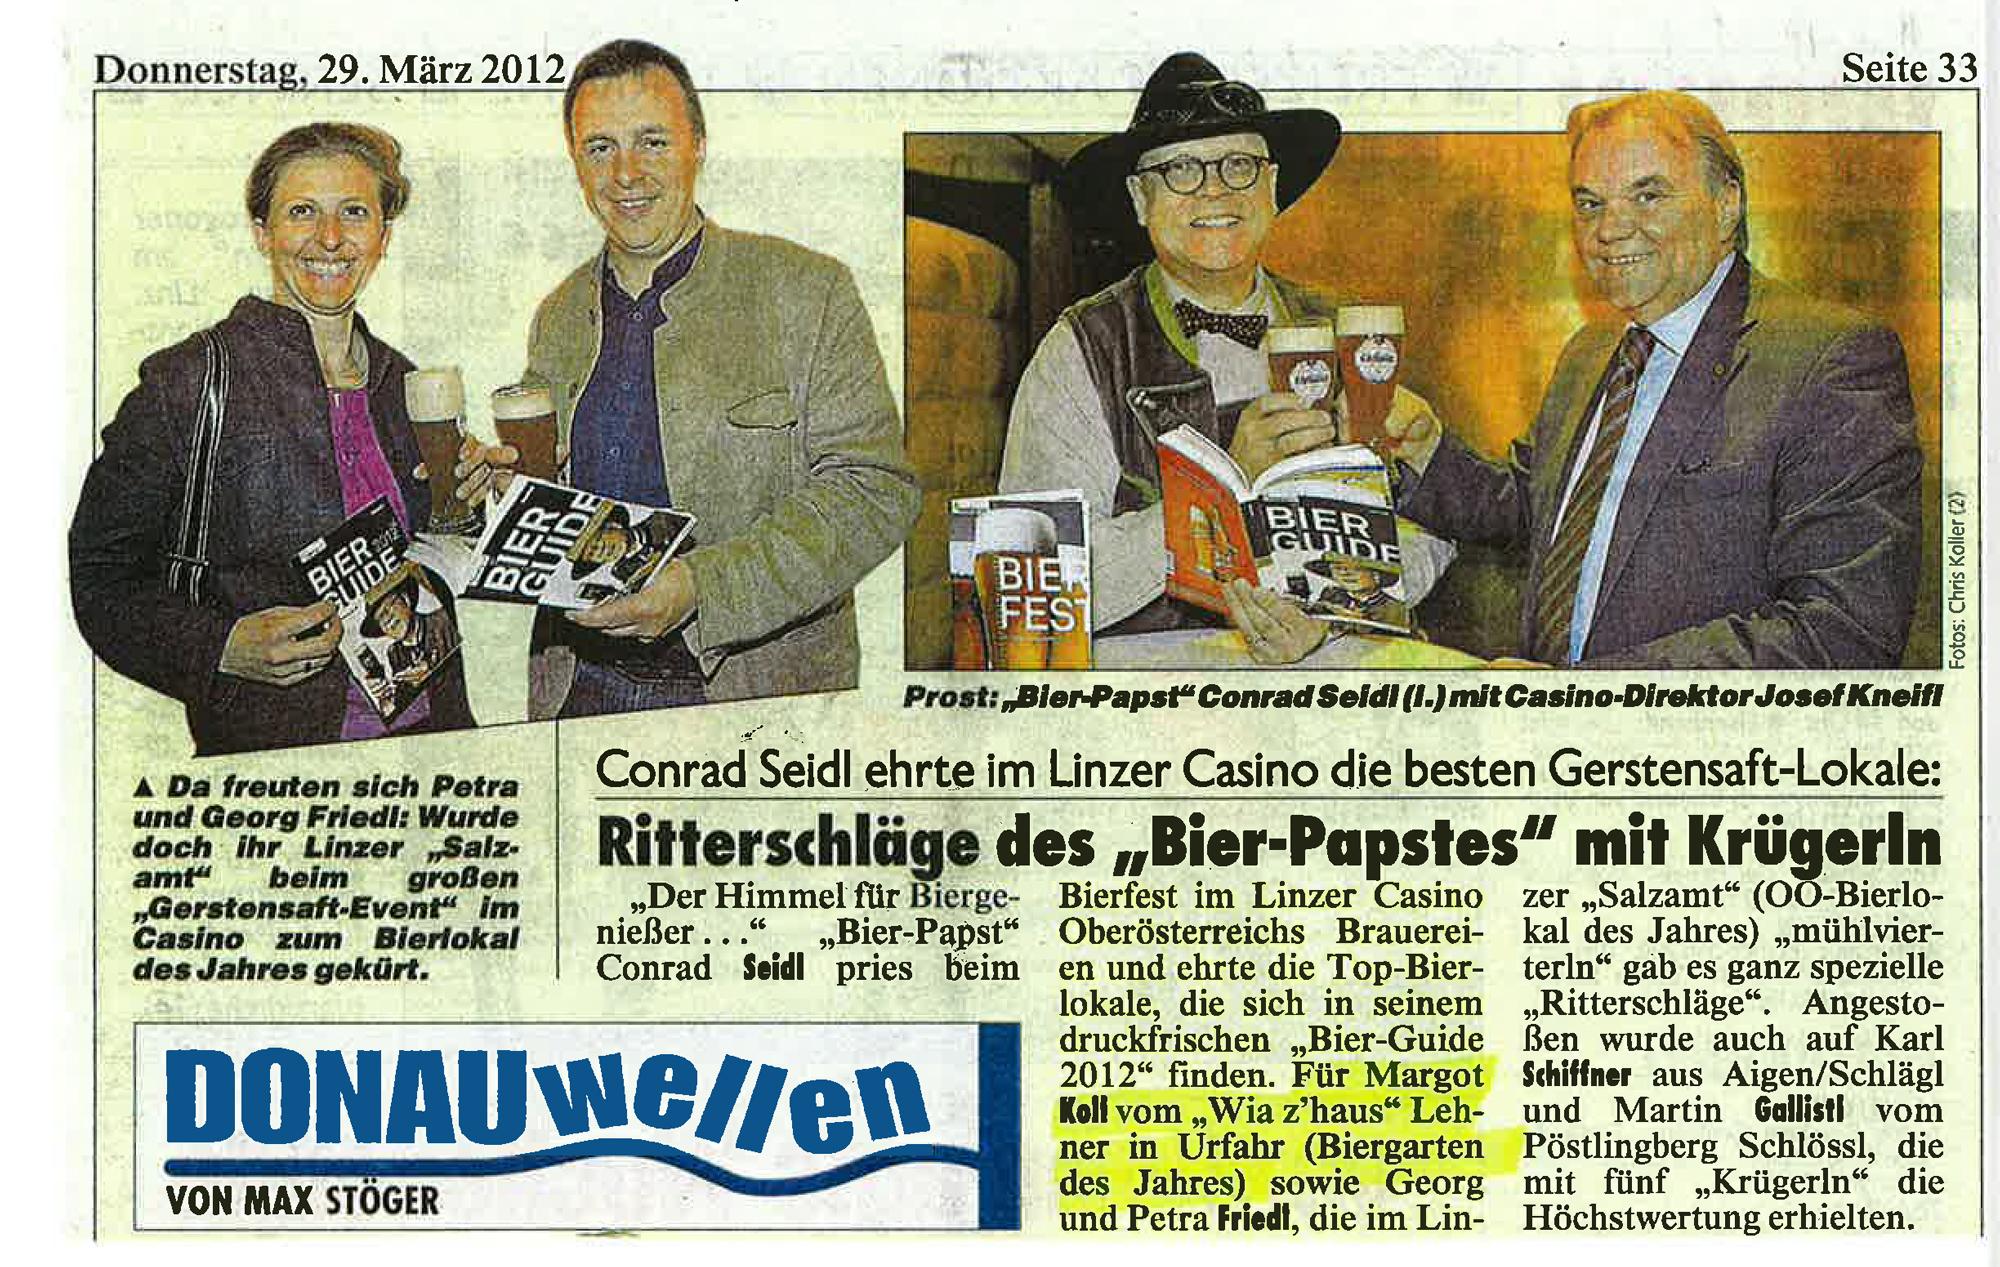 Wiazhaus_Lehner_Presse_08